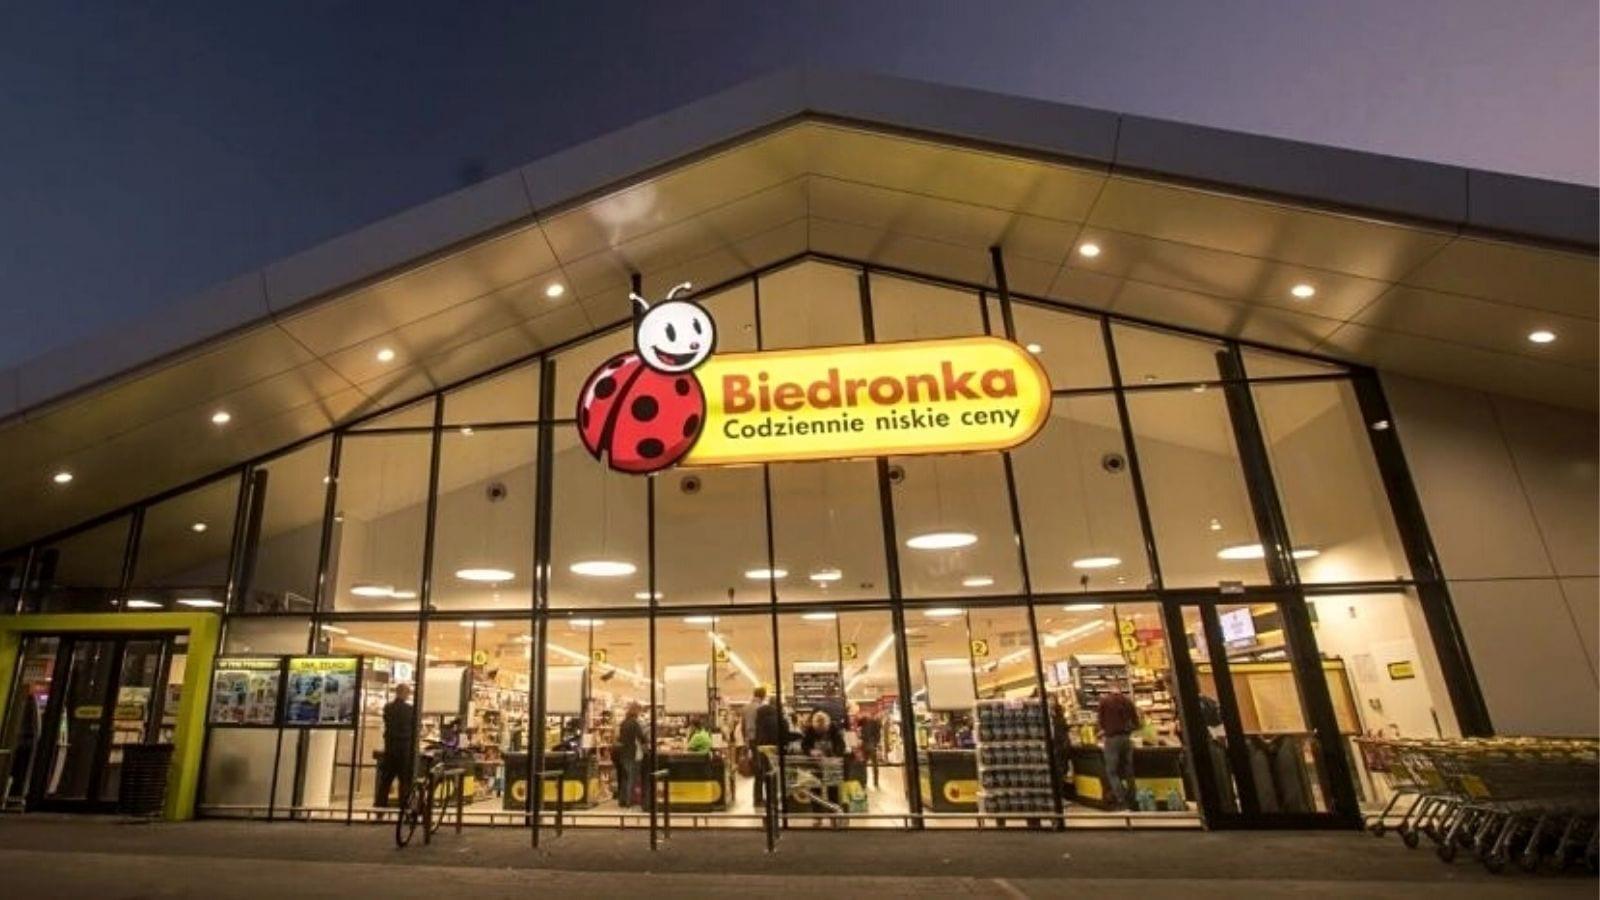 723 000 000 zł kary dla Biedronki od UOKiK - inne sieci handlowe zagrożone Biedronka mediarun biedronka